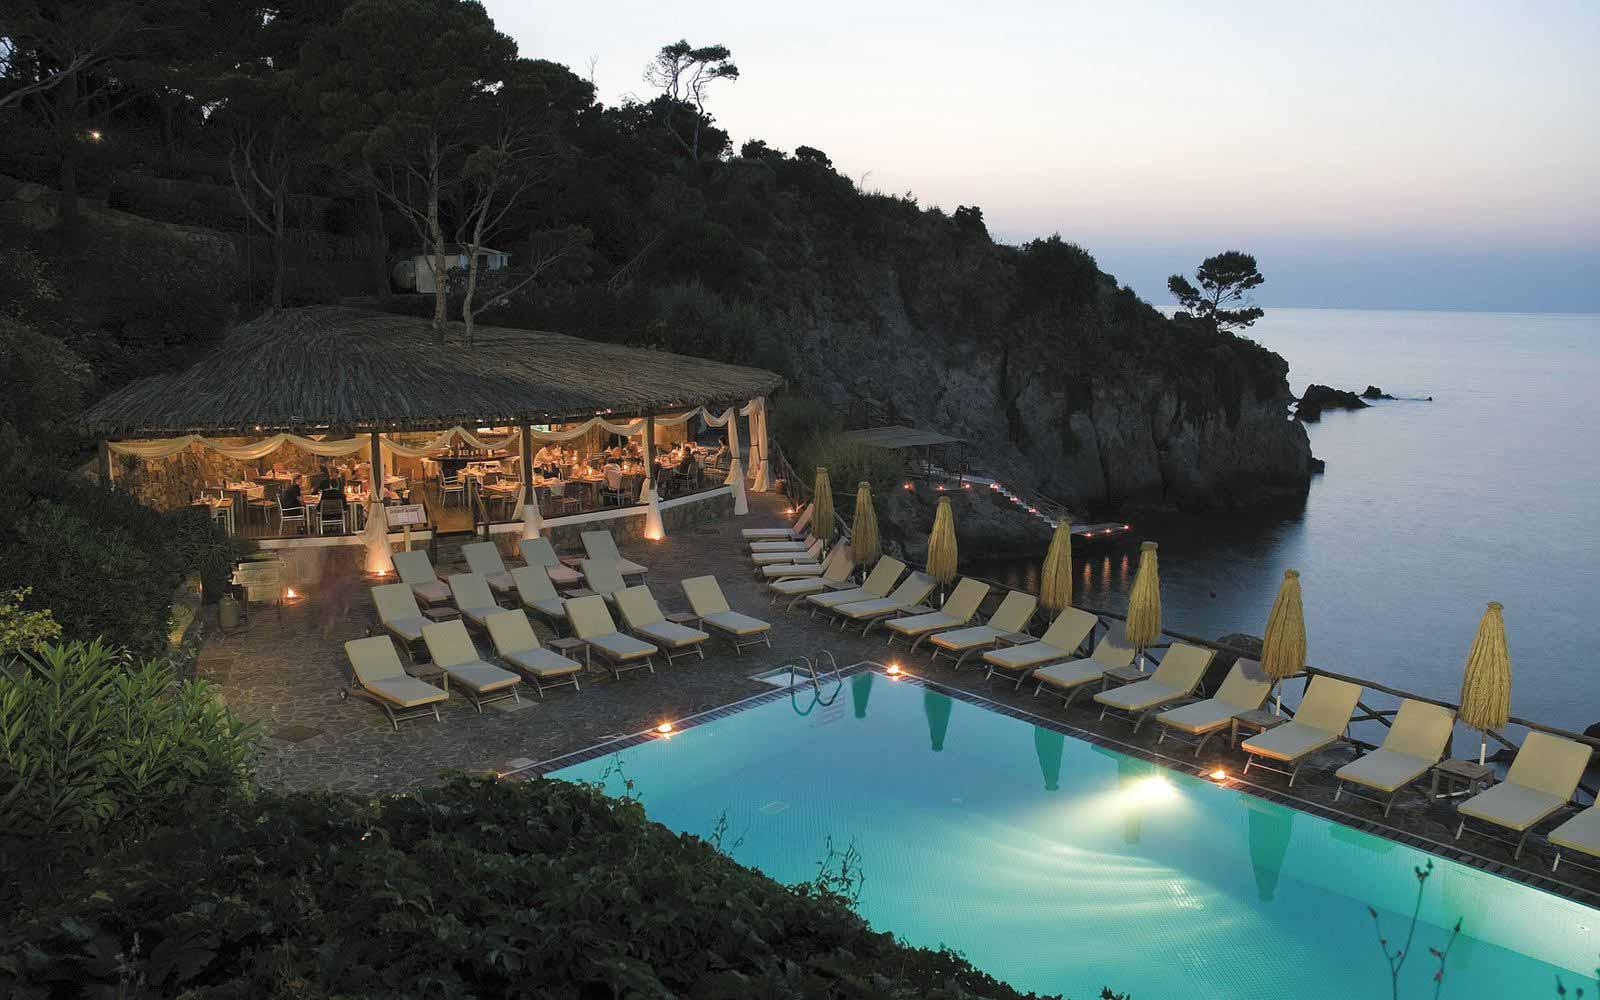 Sciue Sciue Restaurant at Mezzatorre Resort & Spa